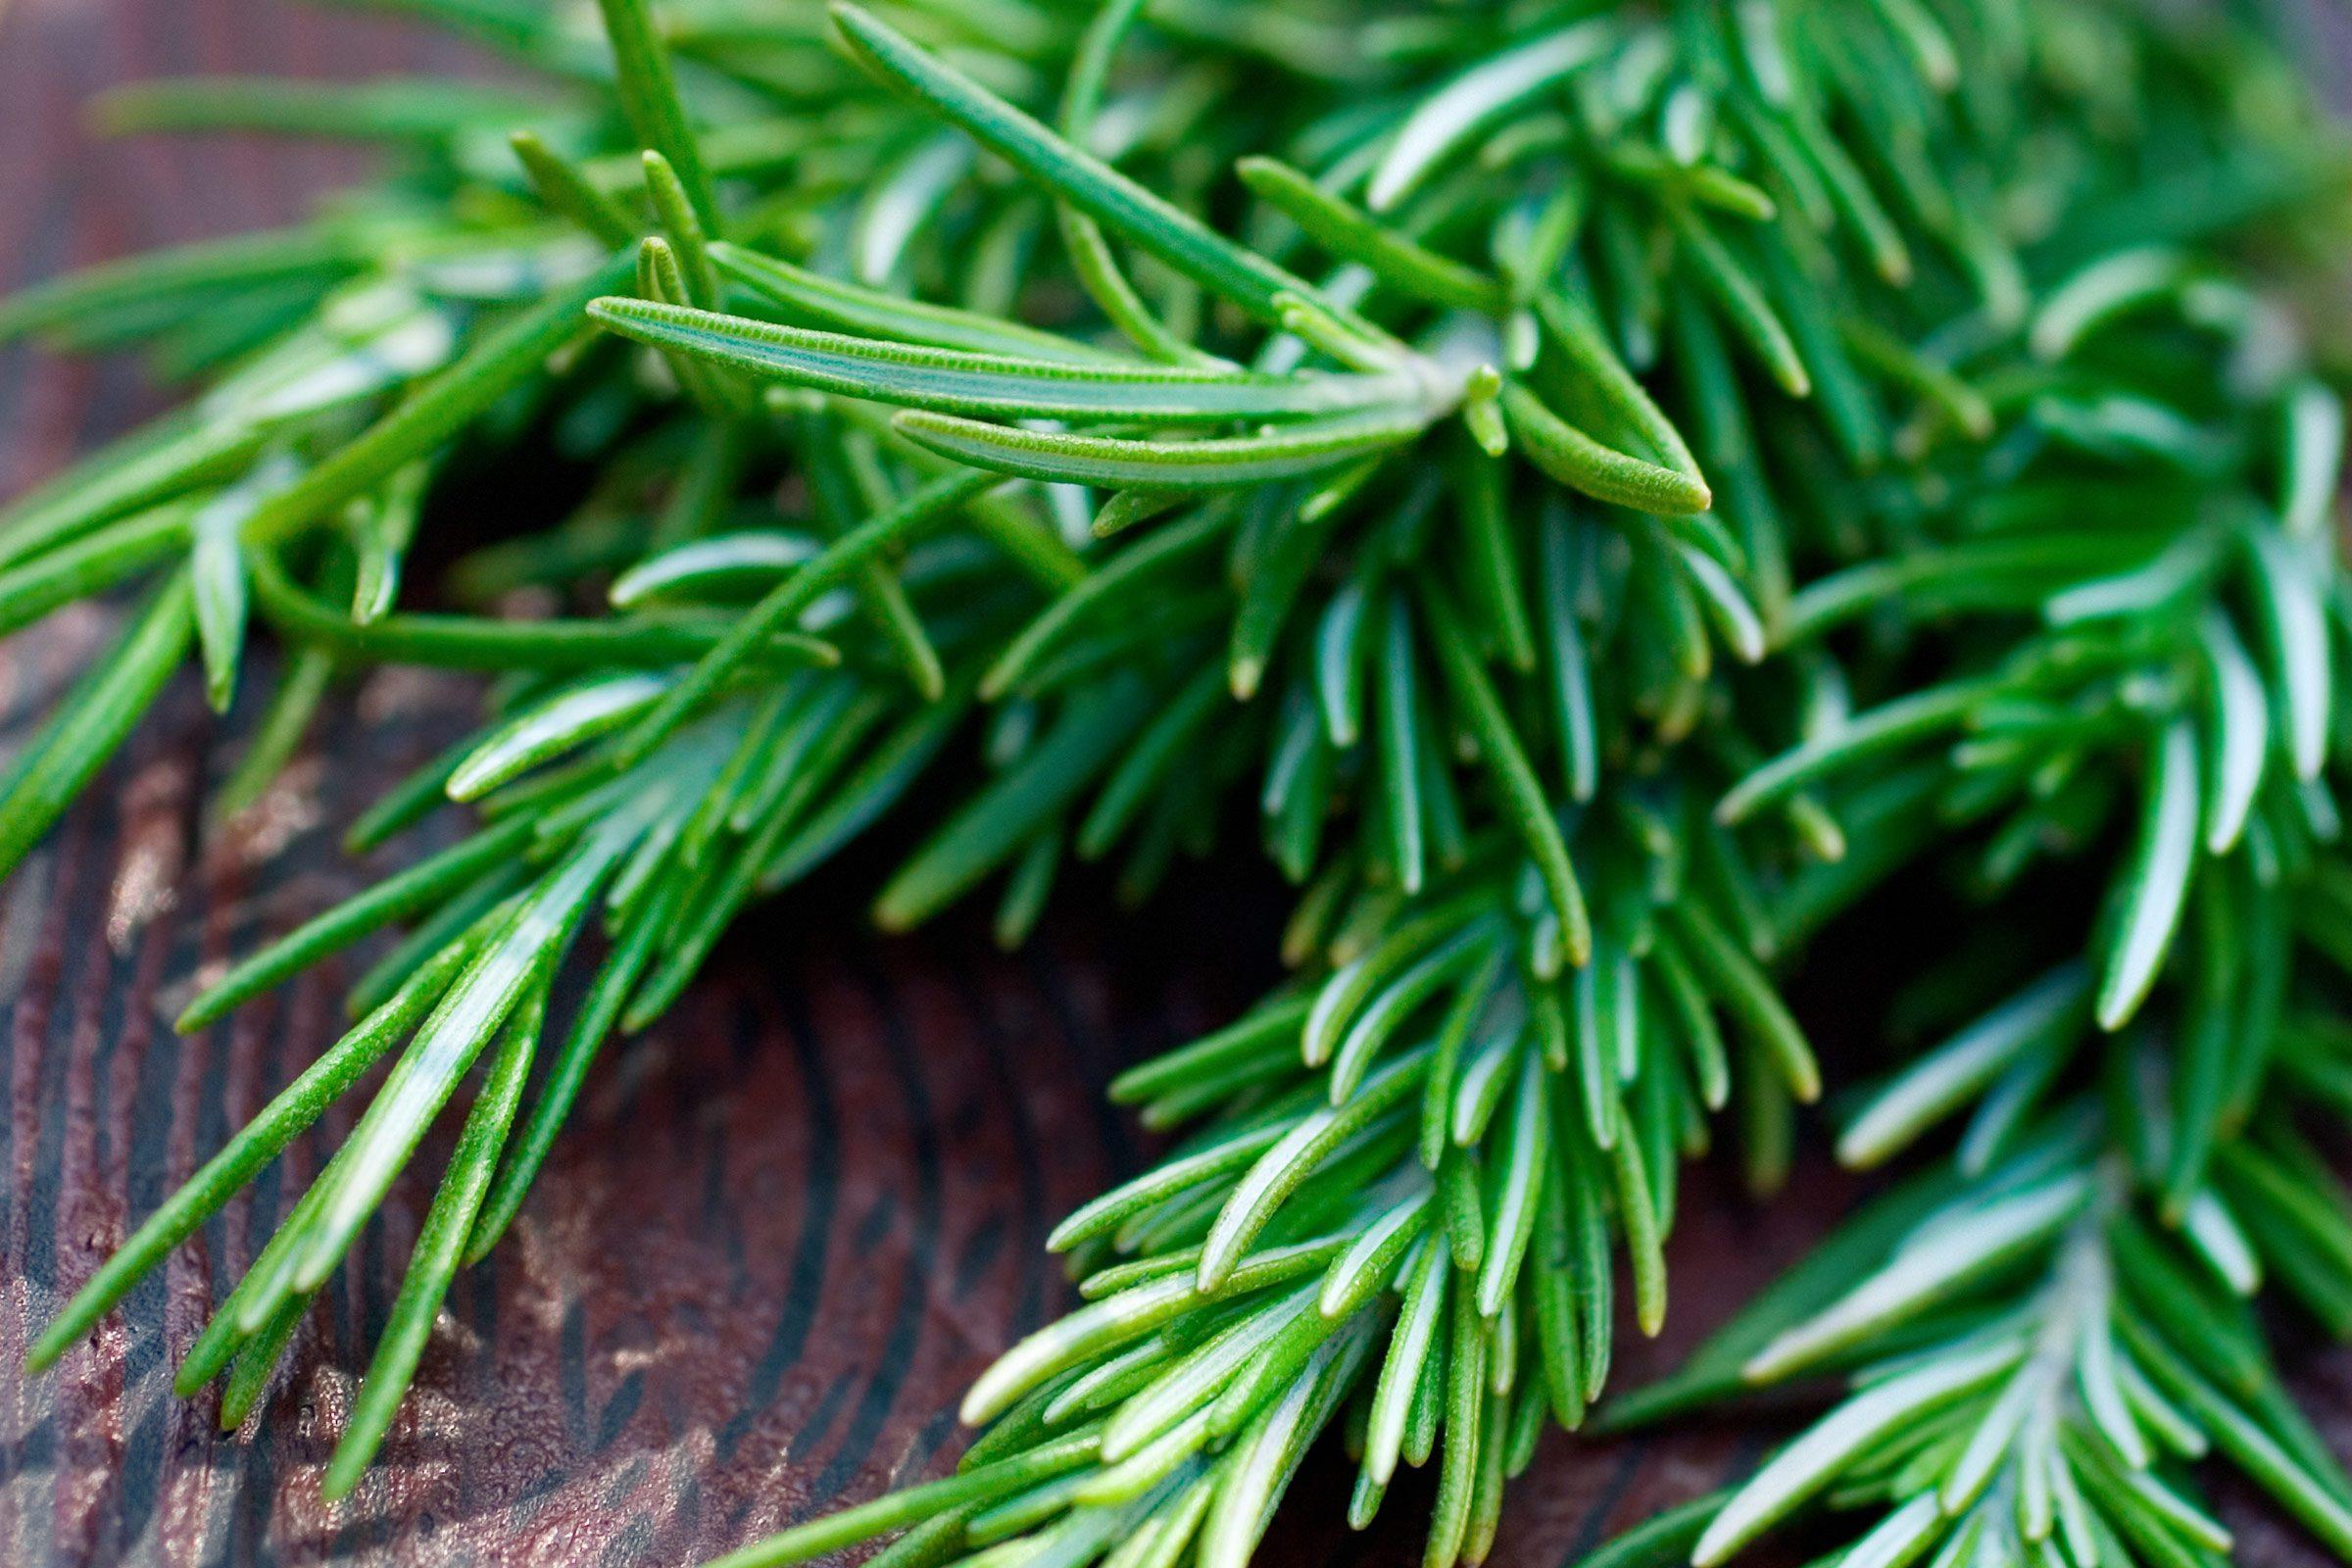 3. Rosemary